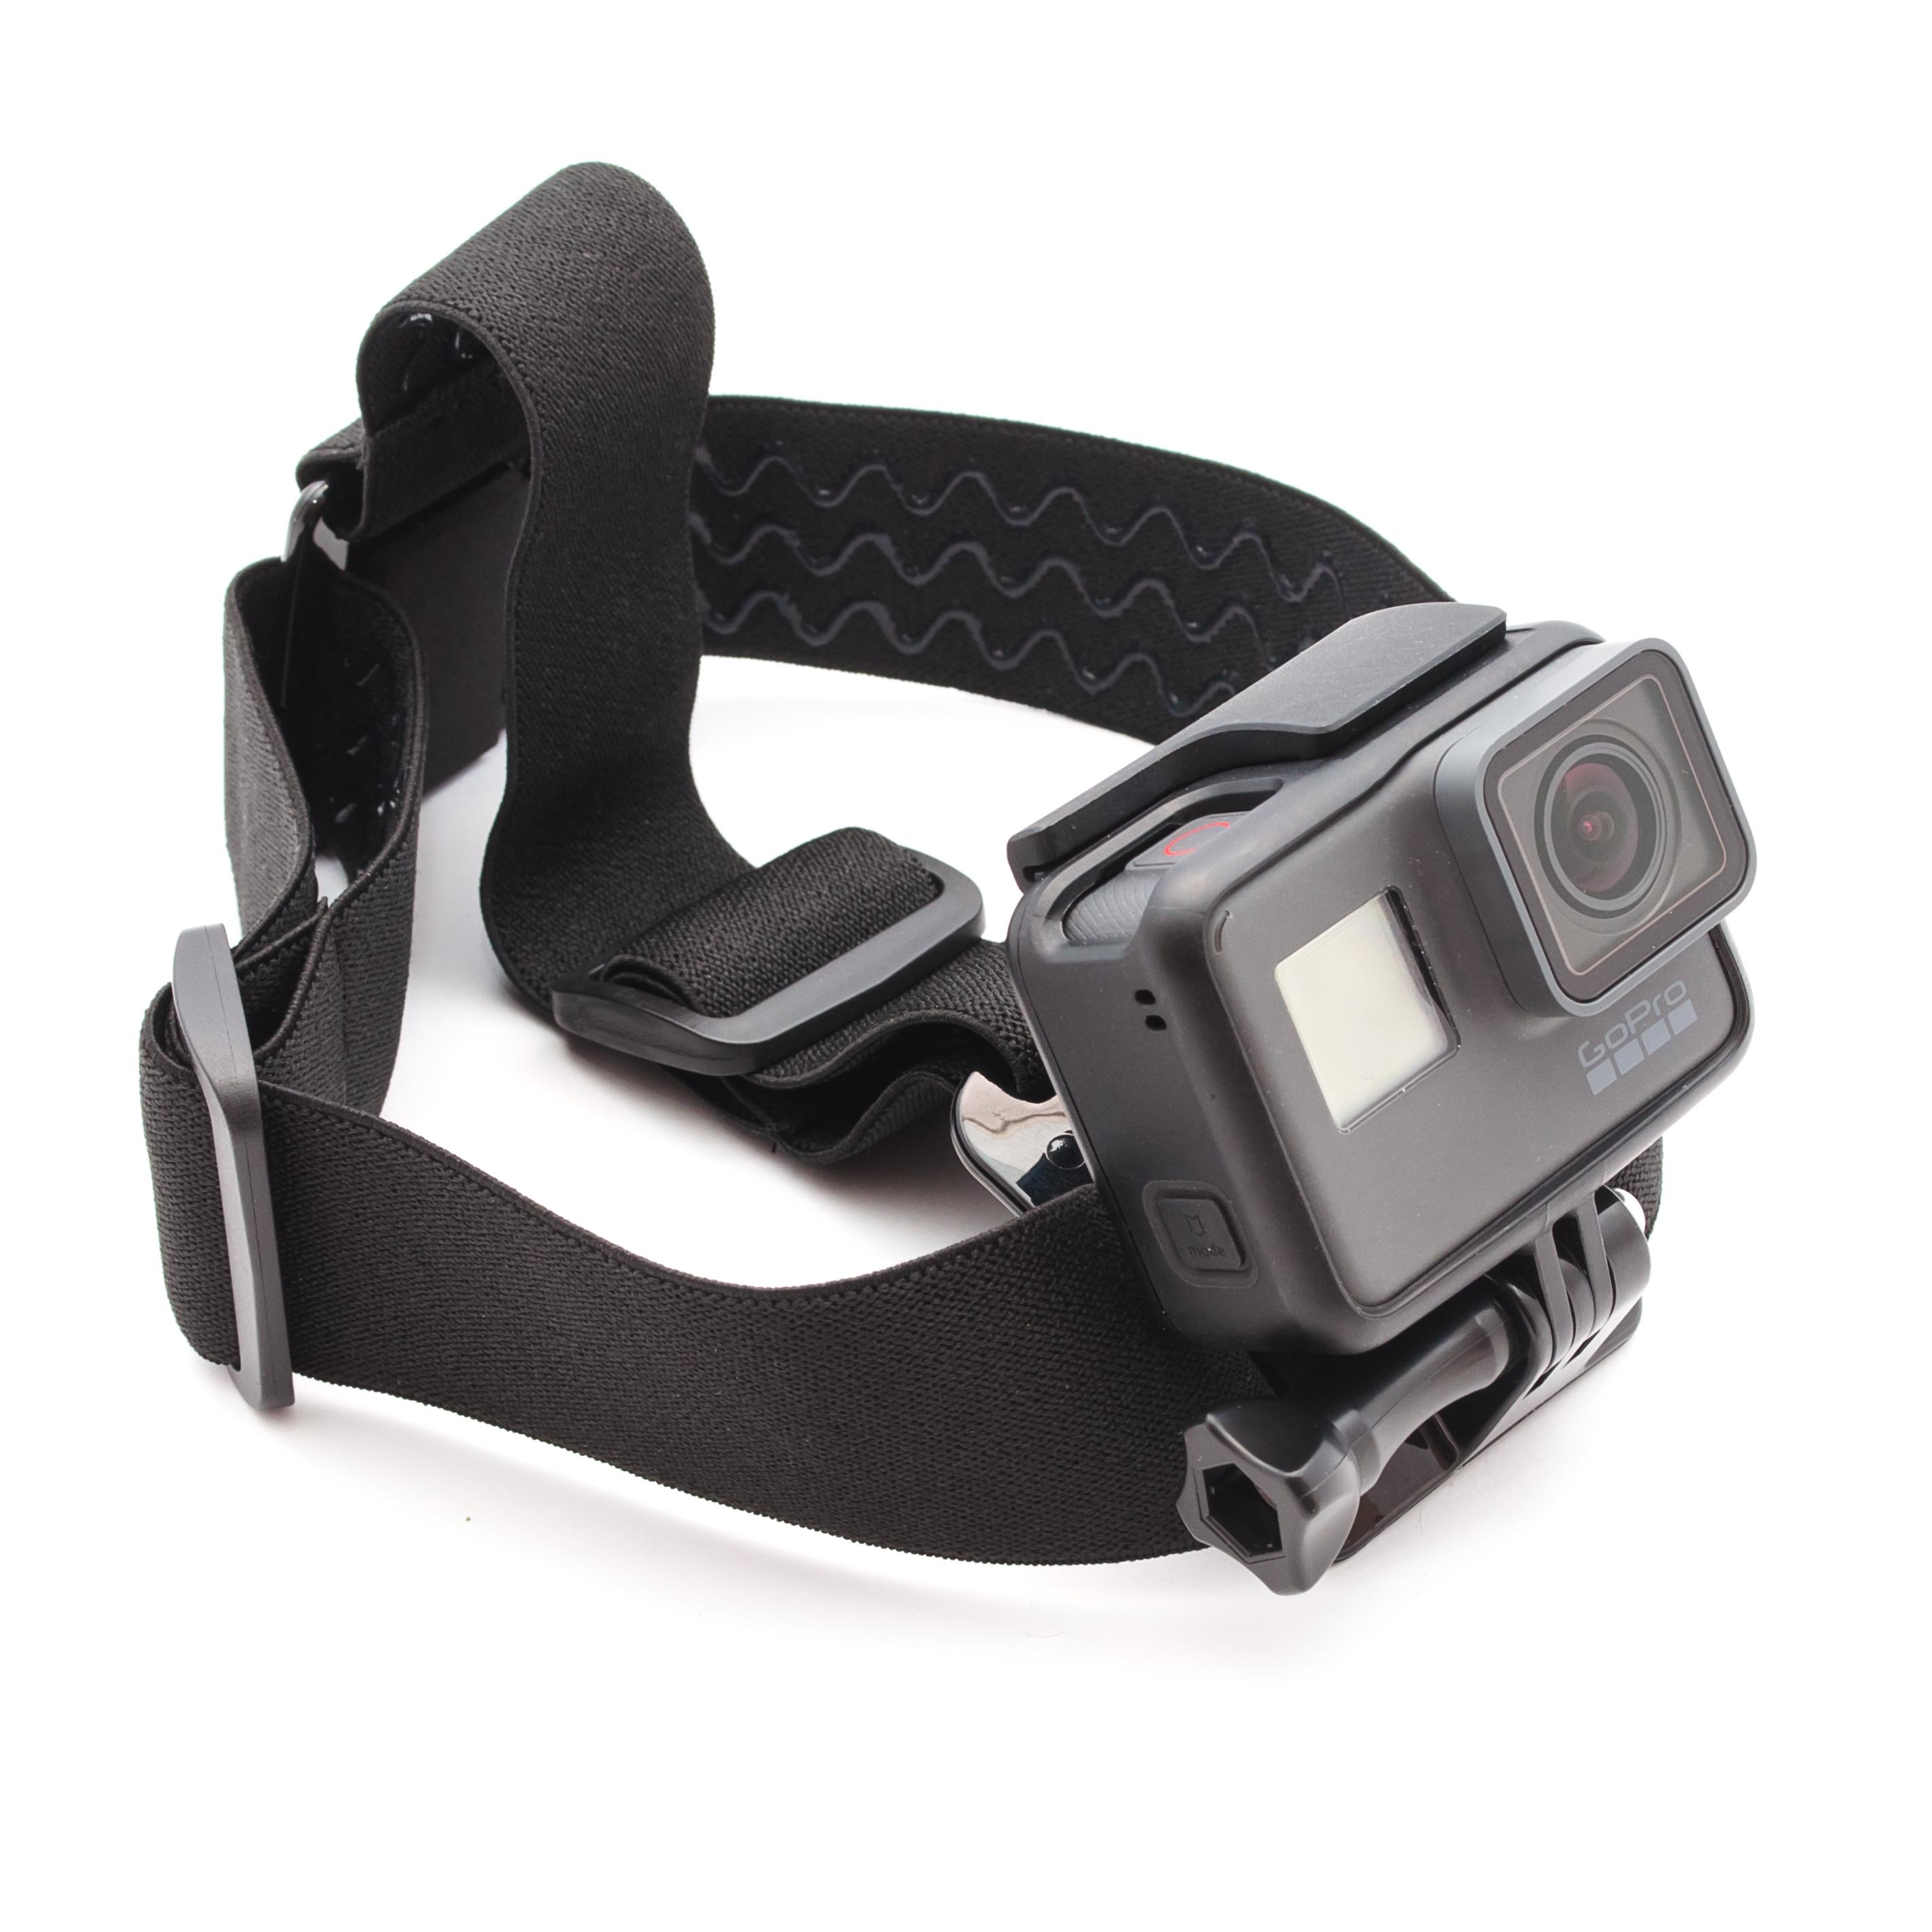 Светофильтр юв спарк наложенным платежом купить дрон с камерой в омске